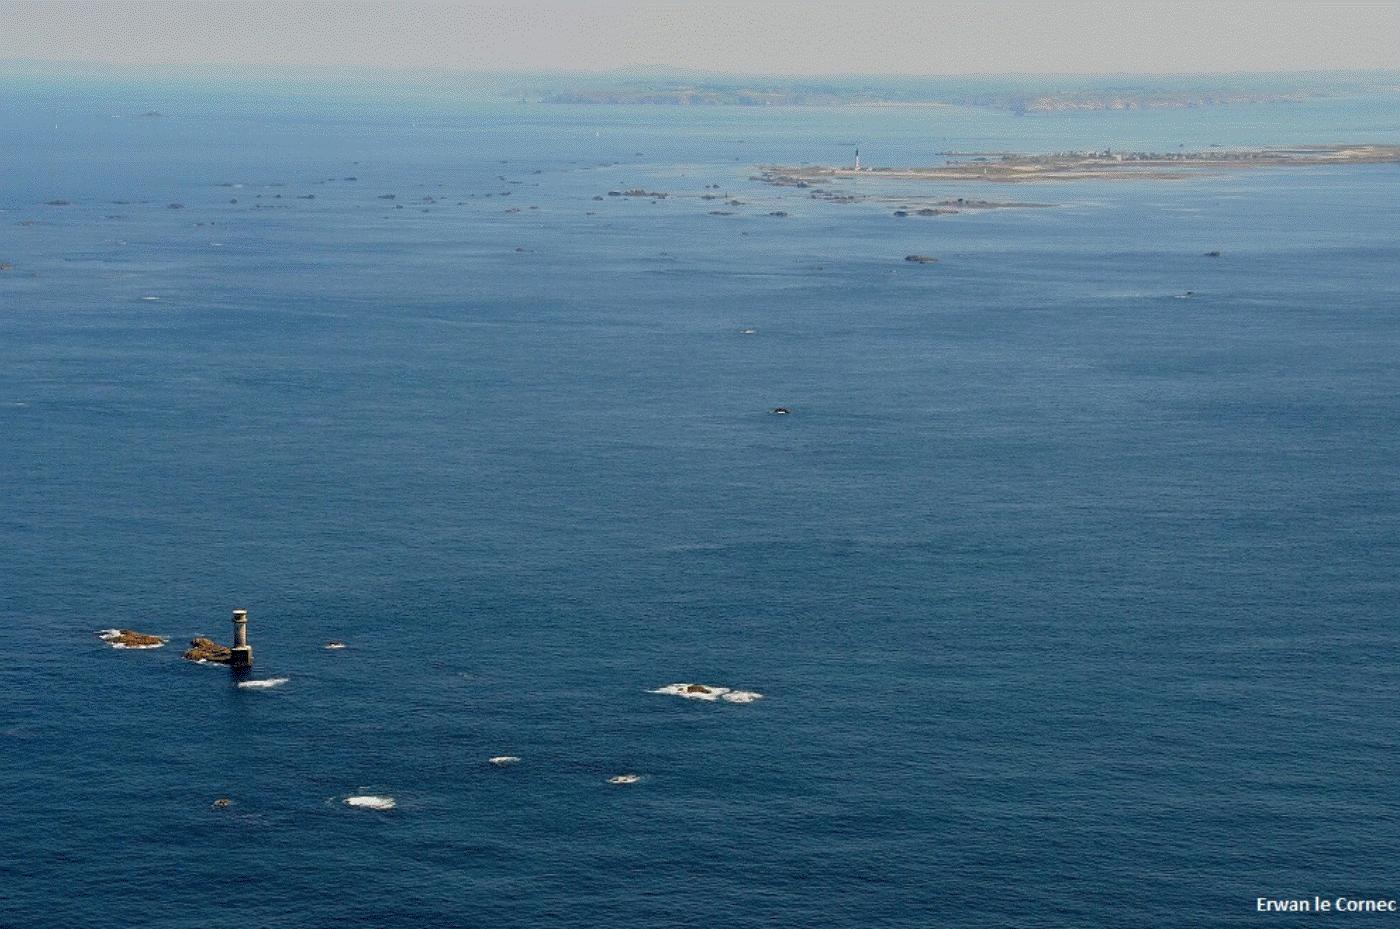 vue-aerienne-ocean-ile-de-sein-risques-cotiers